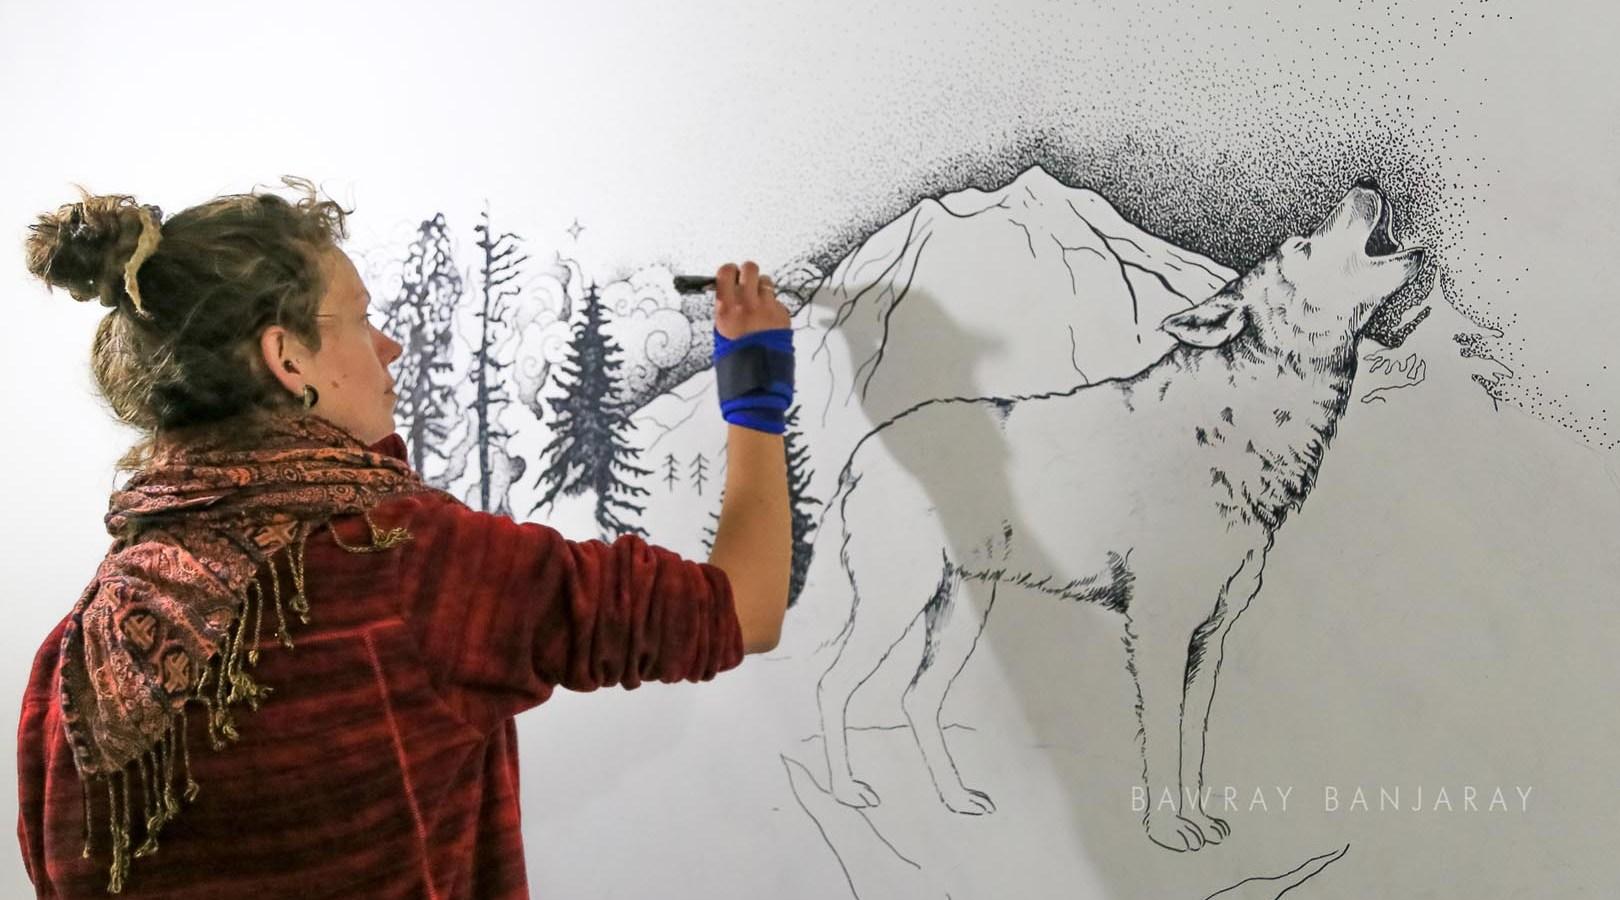 Joana making a wall painting in India with Bawray Banjaray